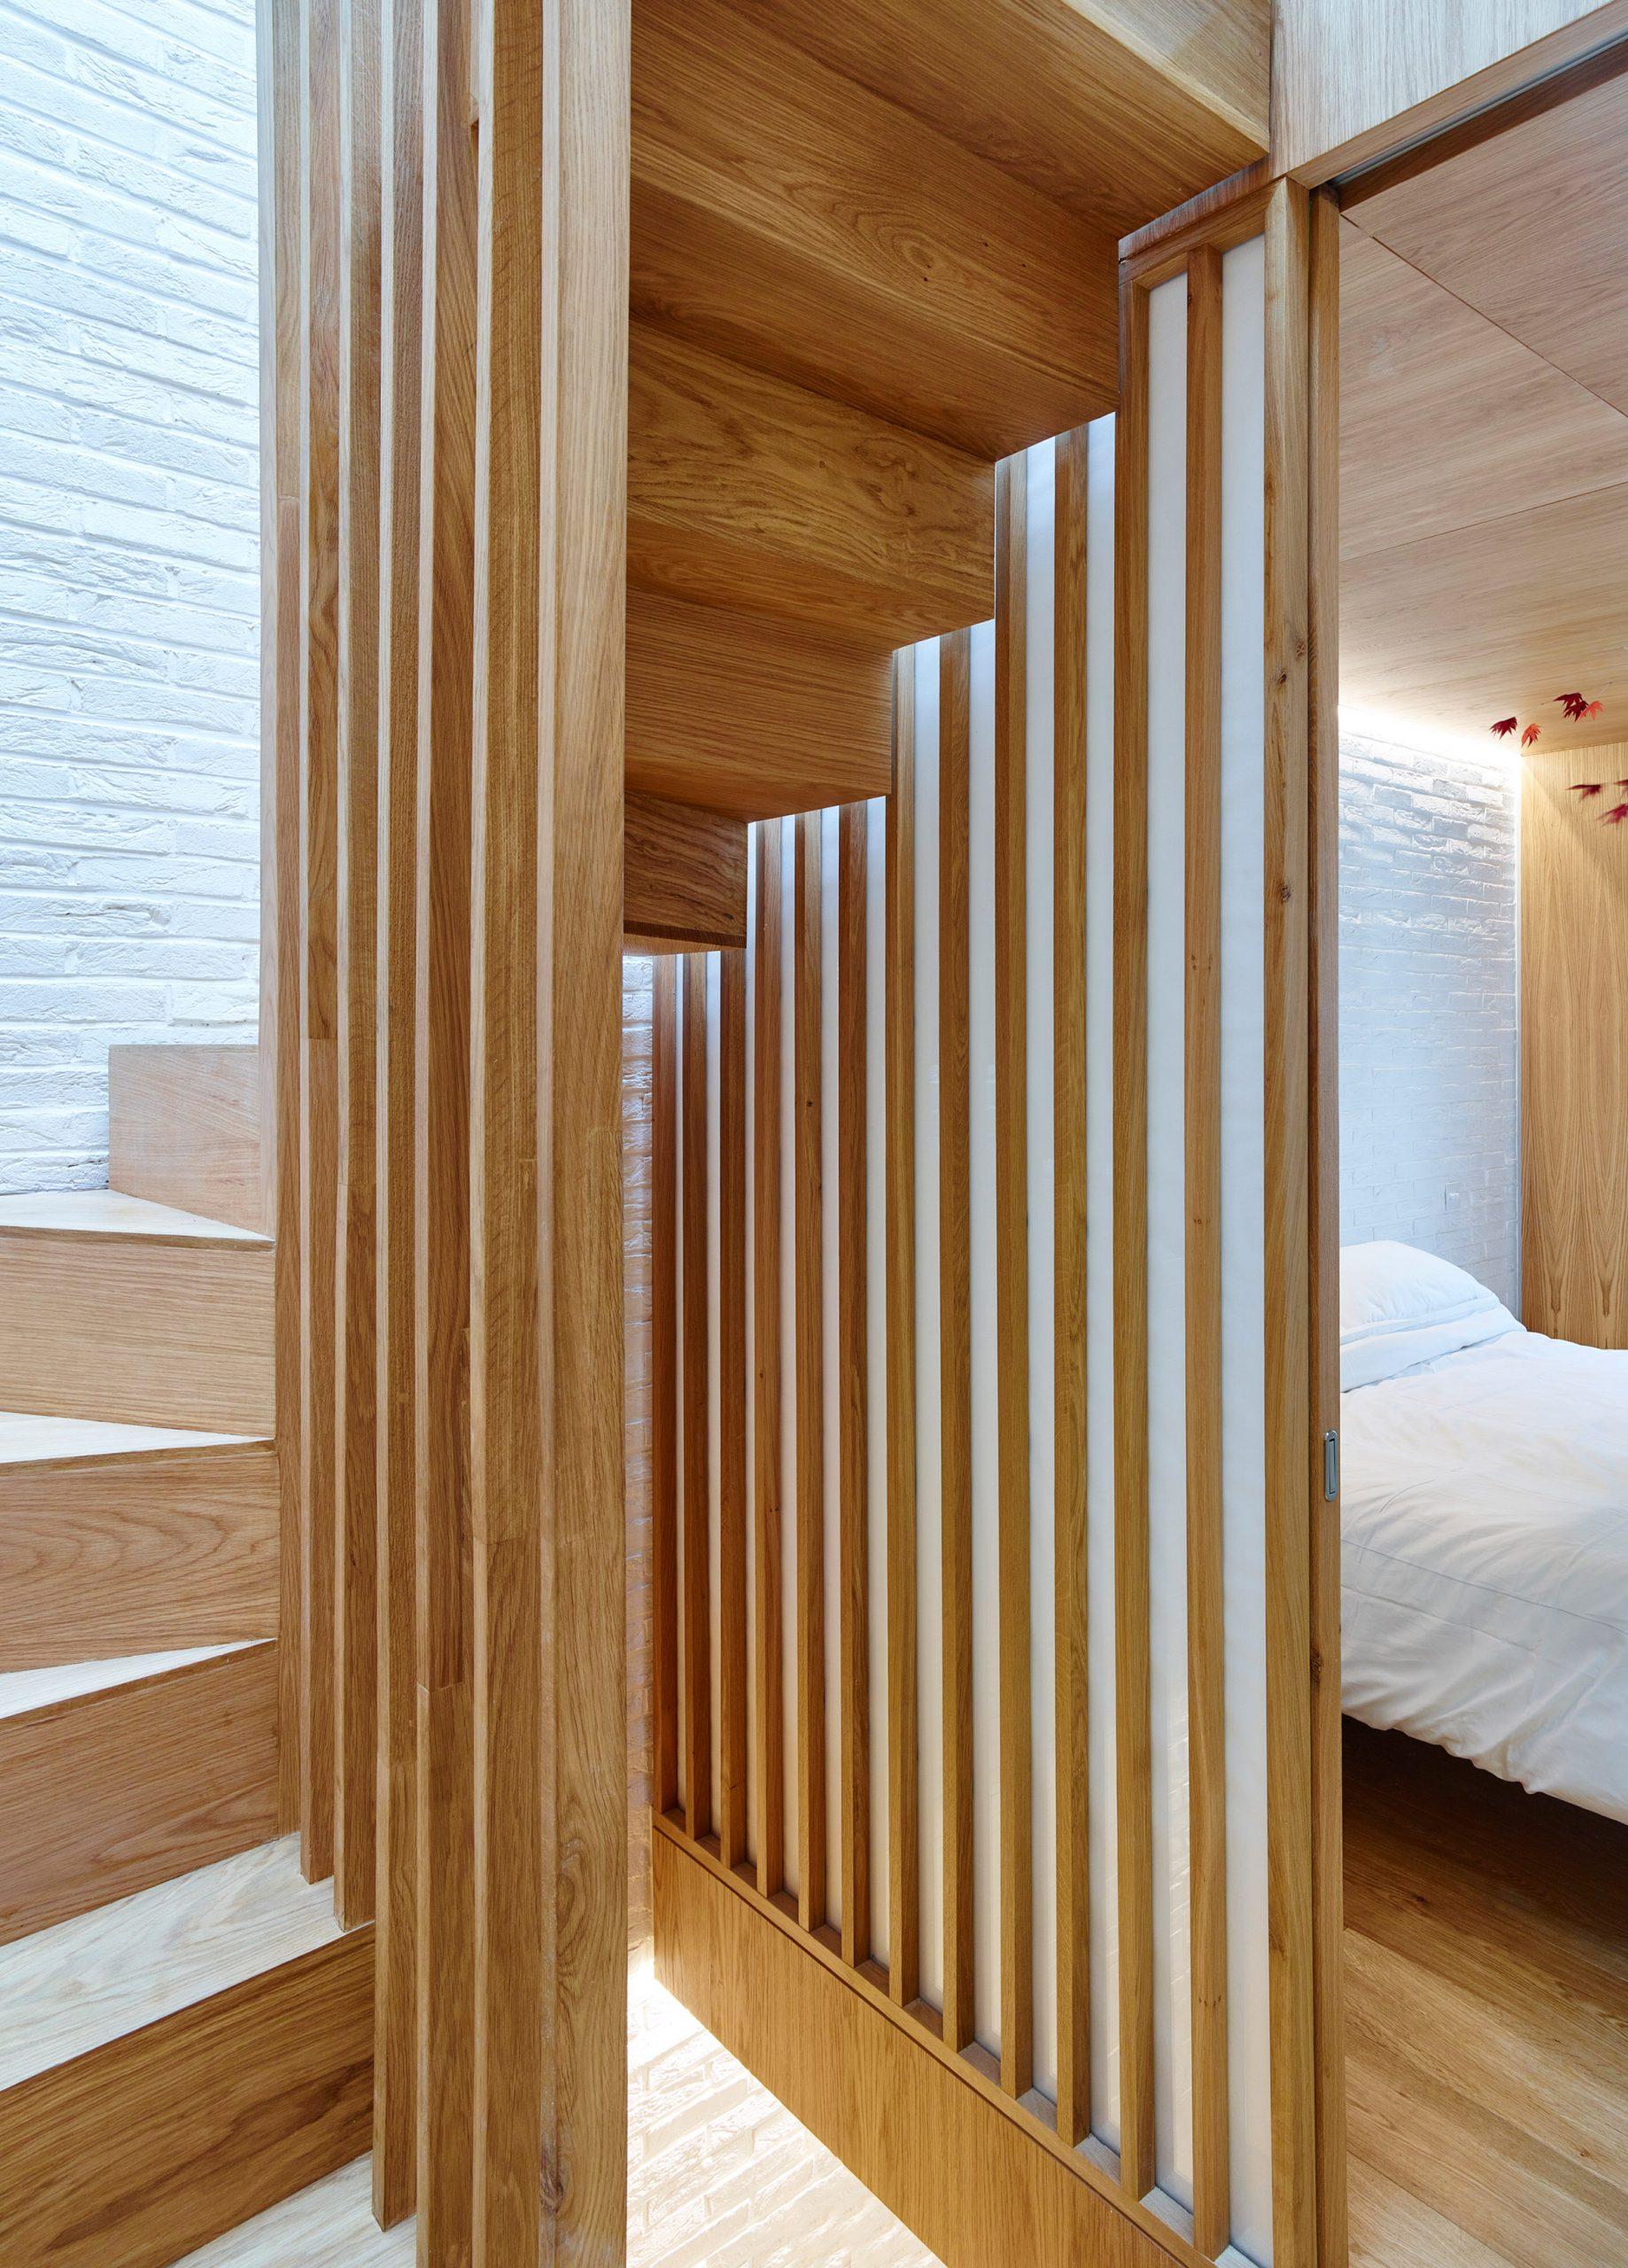 Thiết kế nhà gỗ hiện đại 4